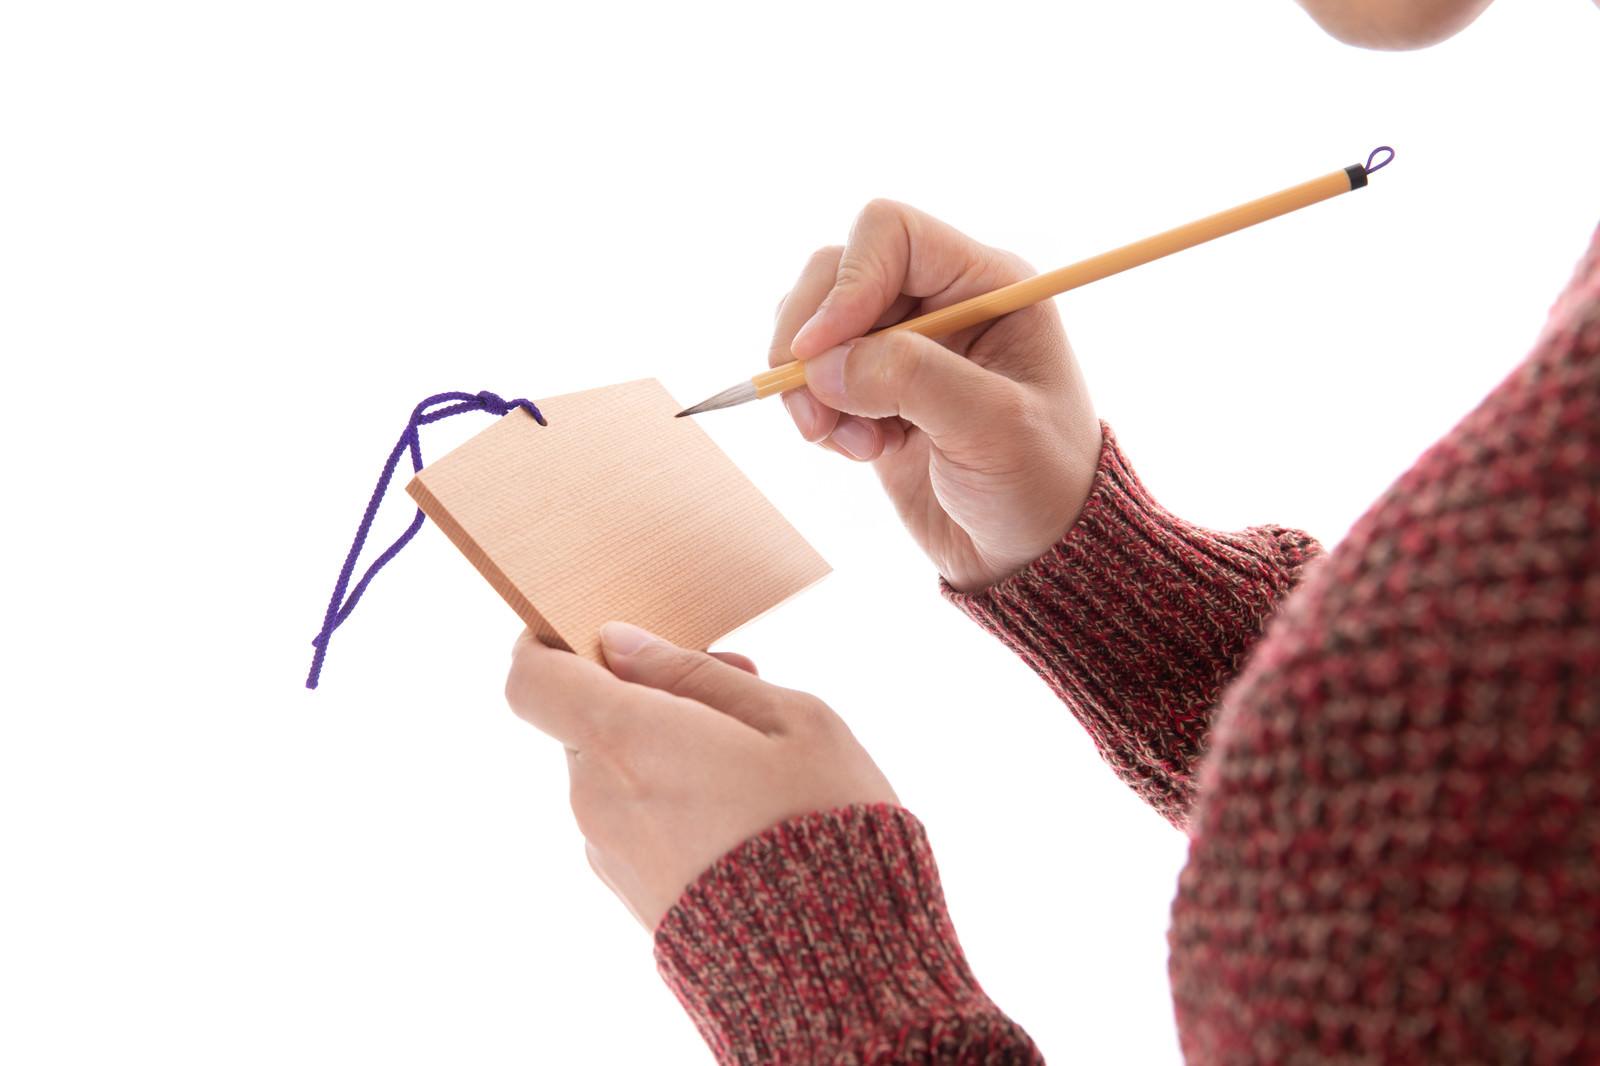 「絵馬に願い事を書き込む」の写真